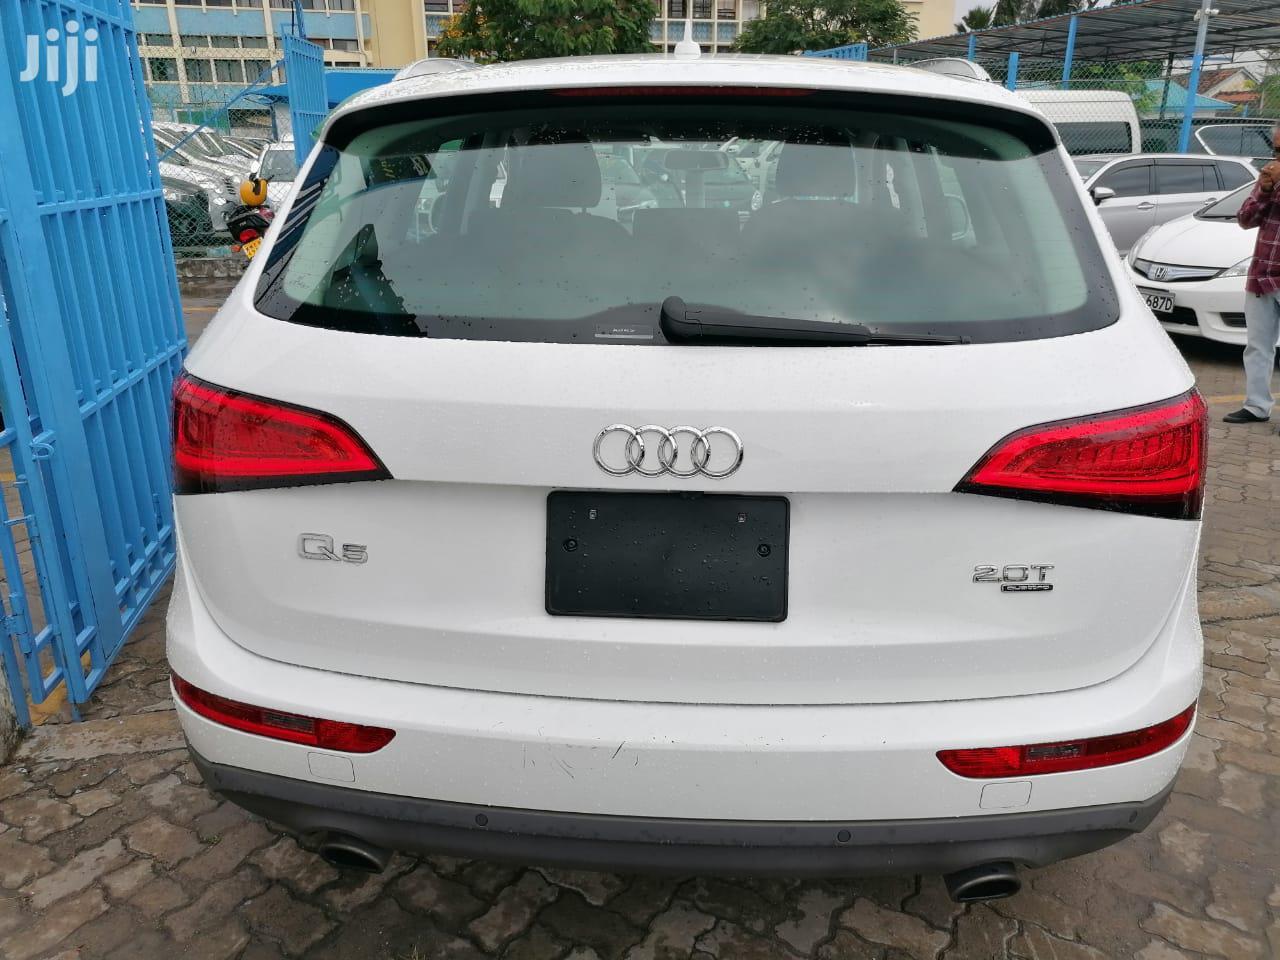 Archive: Audi Q5 2013 White